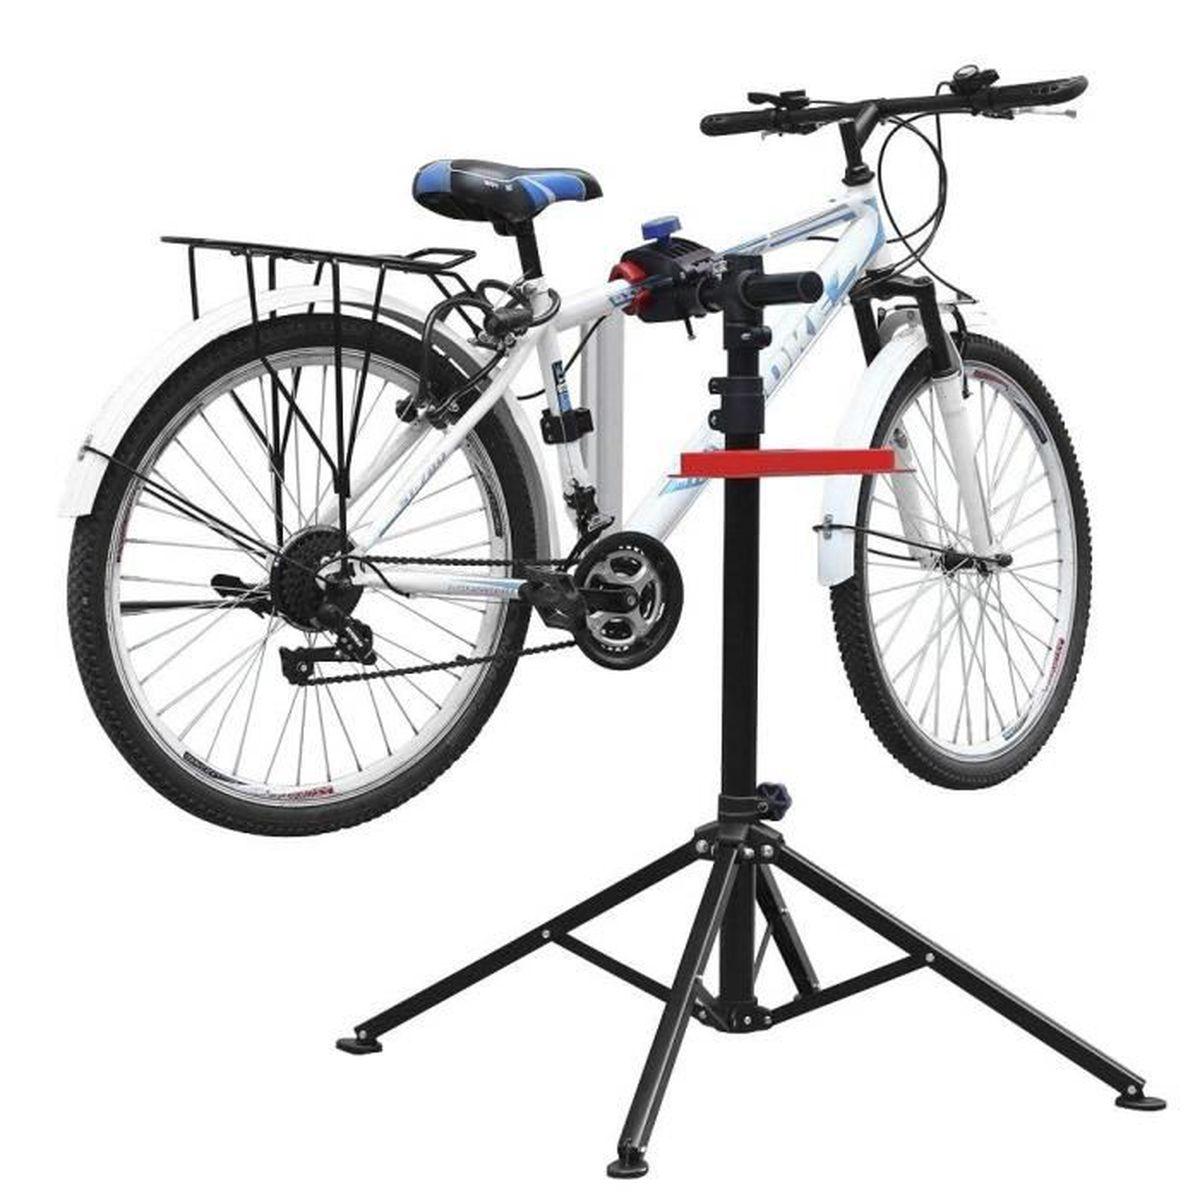 Pied d'atelier pour vélos pivotant 360° 50kg Support de montage Stand réparation